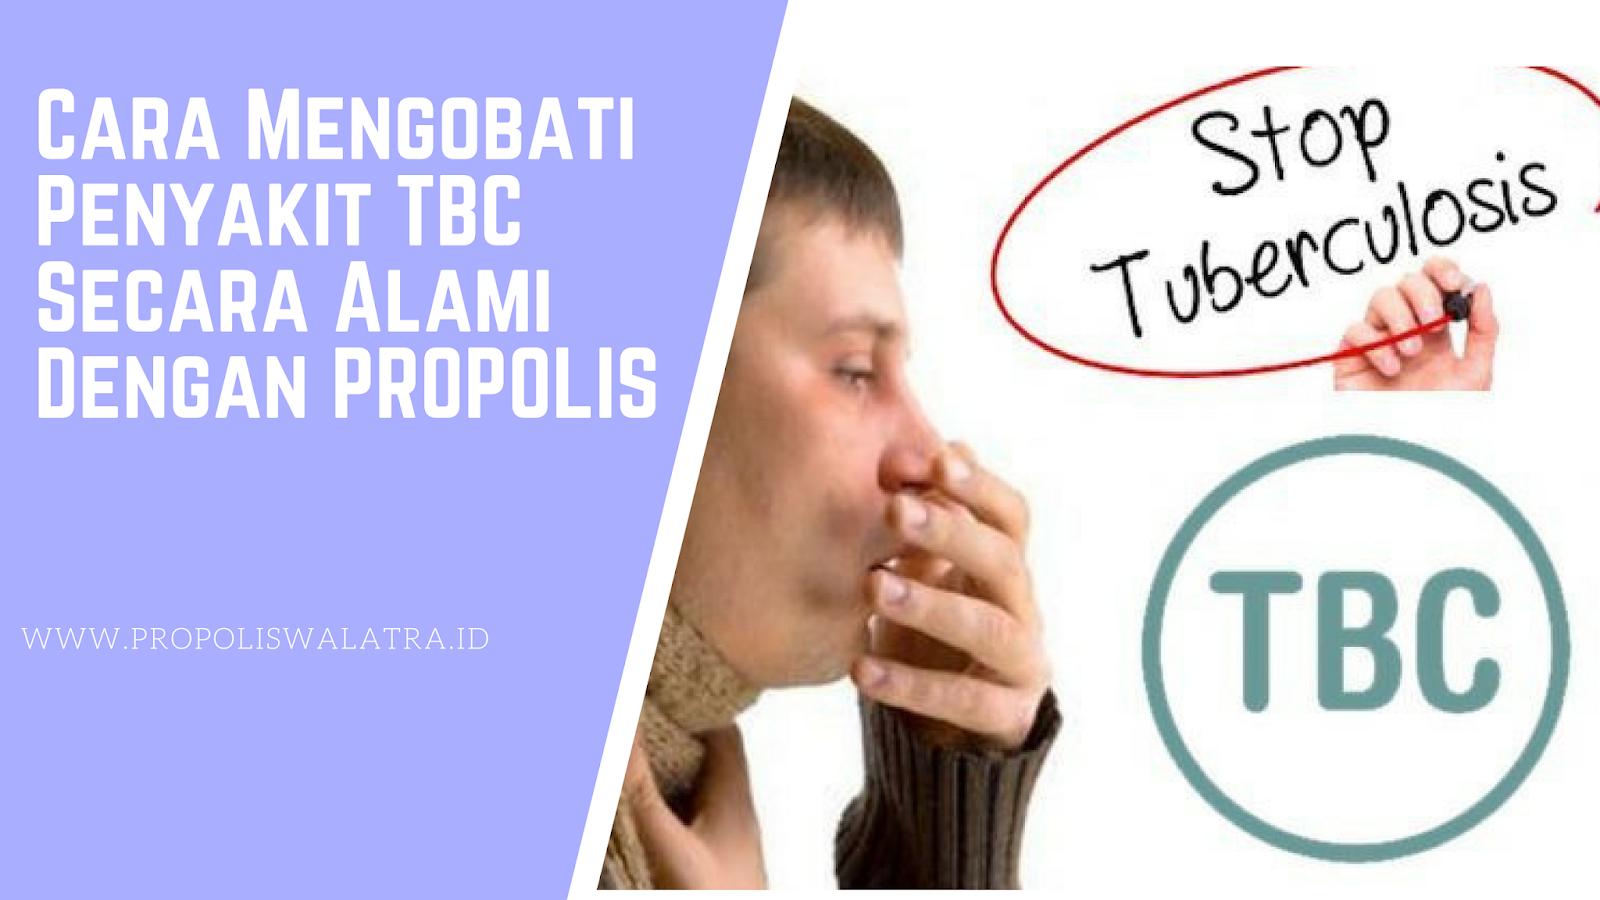 Cara Mengobati Penyakit TBC Secara Alami Dengan PROPOLIS